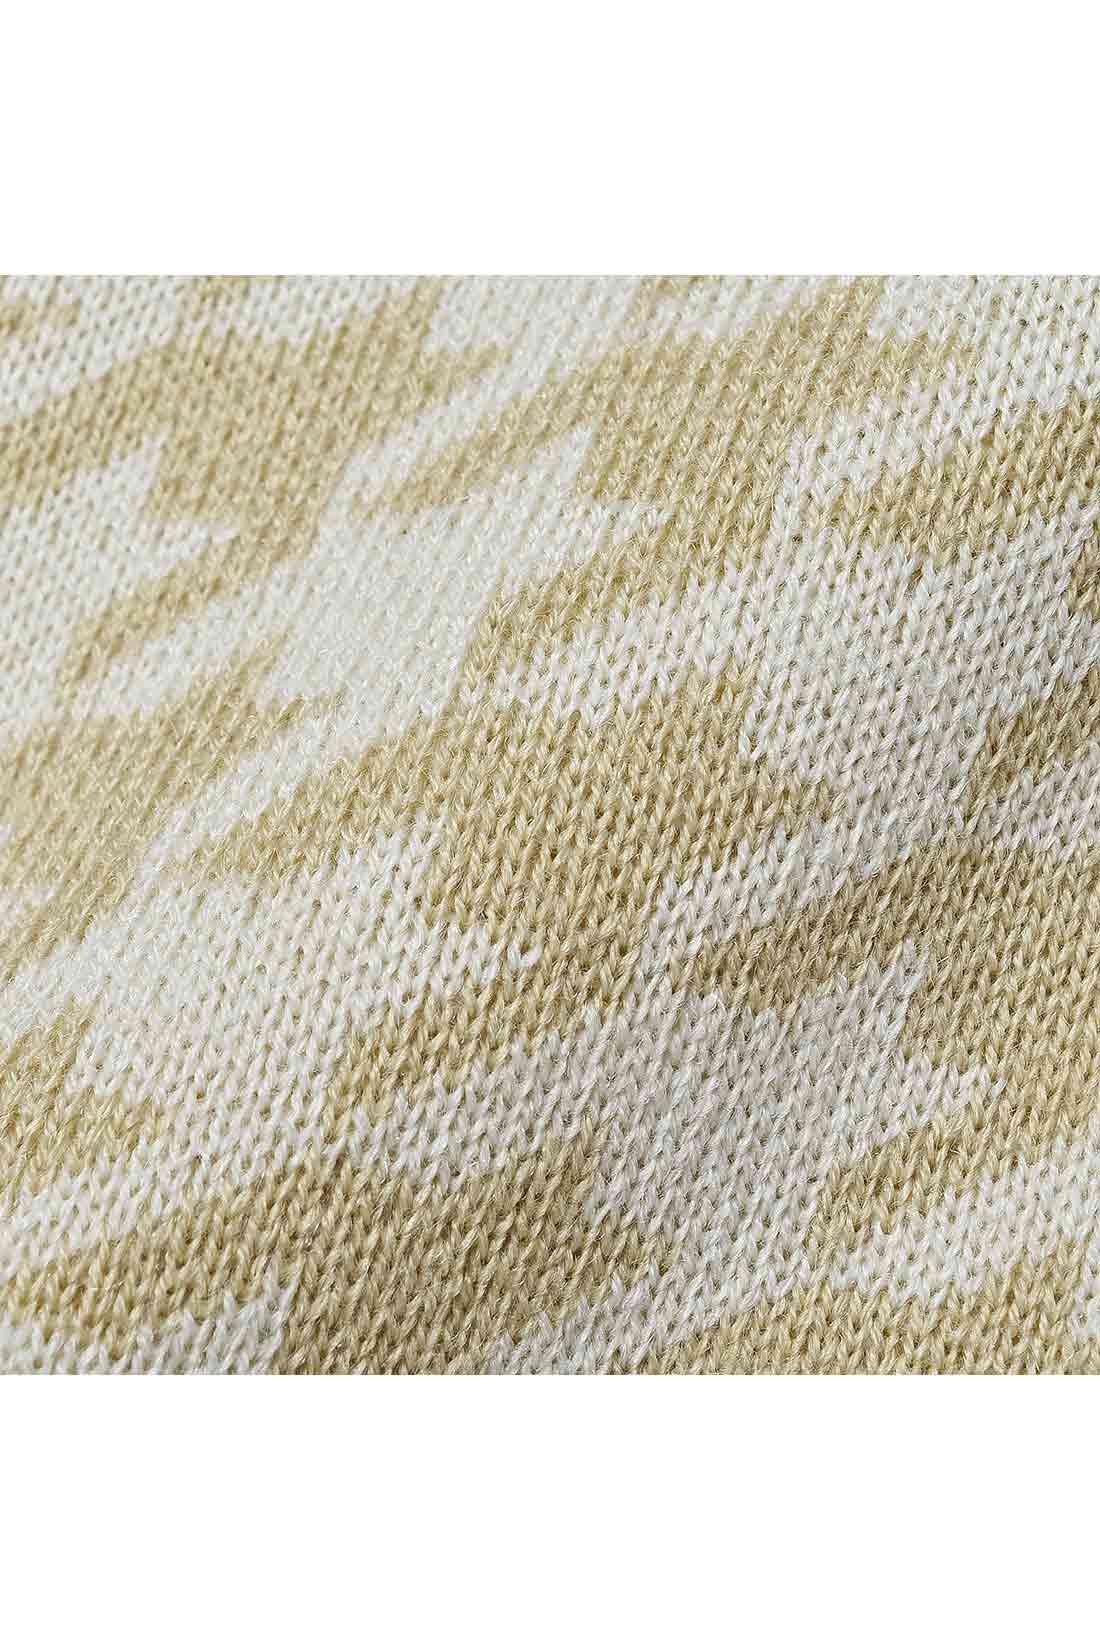 着ぶくれして見えない柄の大きさで、きれいな表情をつくるダブルジャカードニット素材。